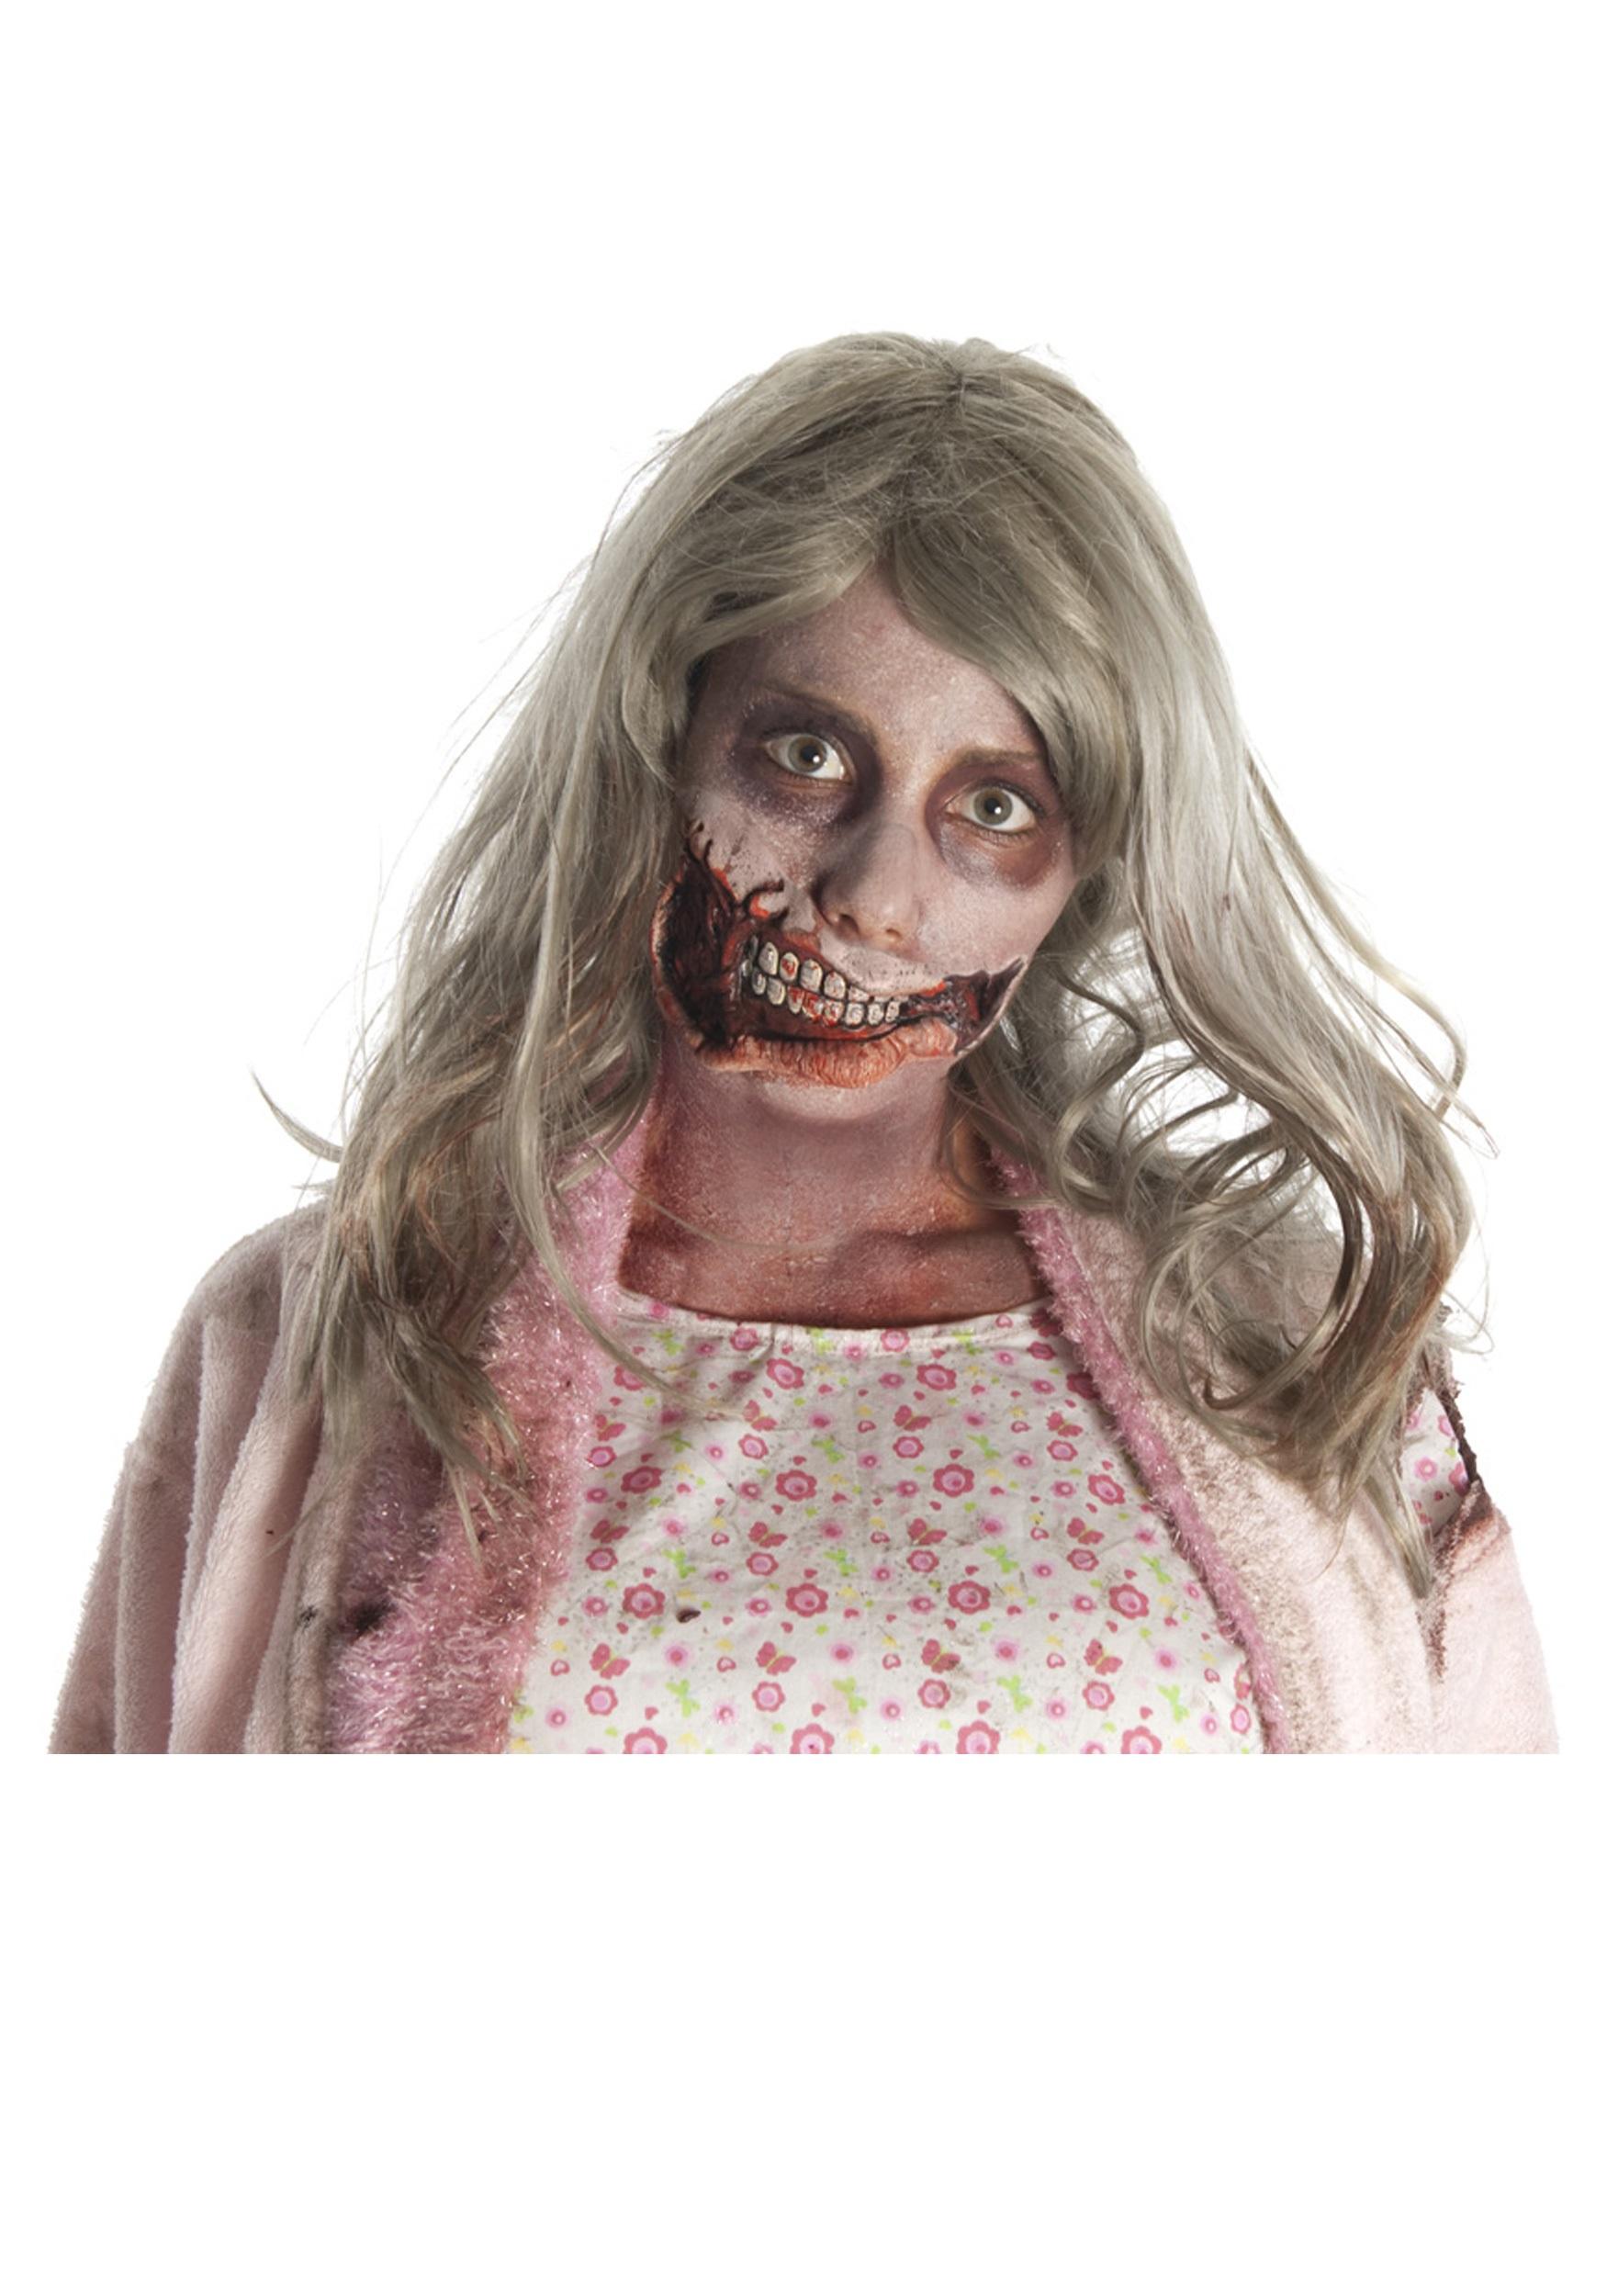 HALLOWEEN Gory Prosthetic Latex Zombie Bite Walking Dead Fancy Dress